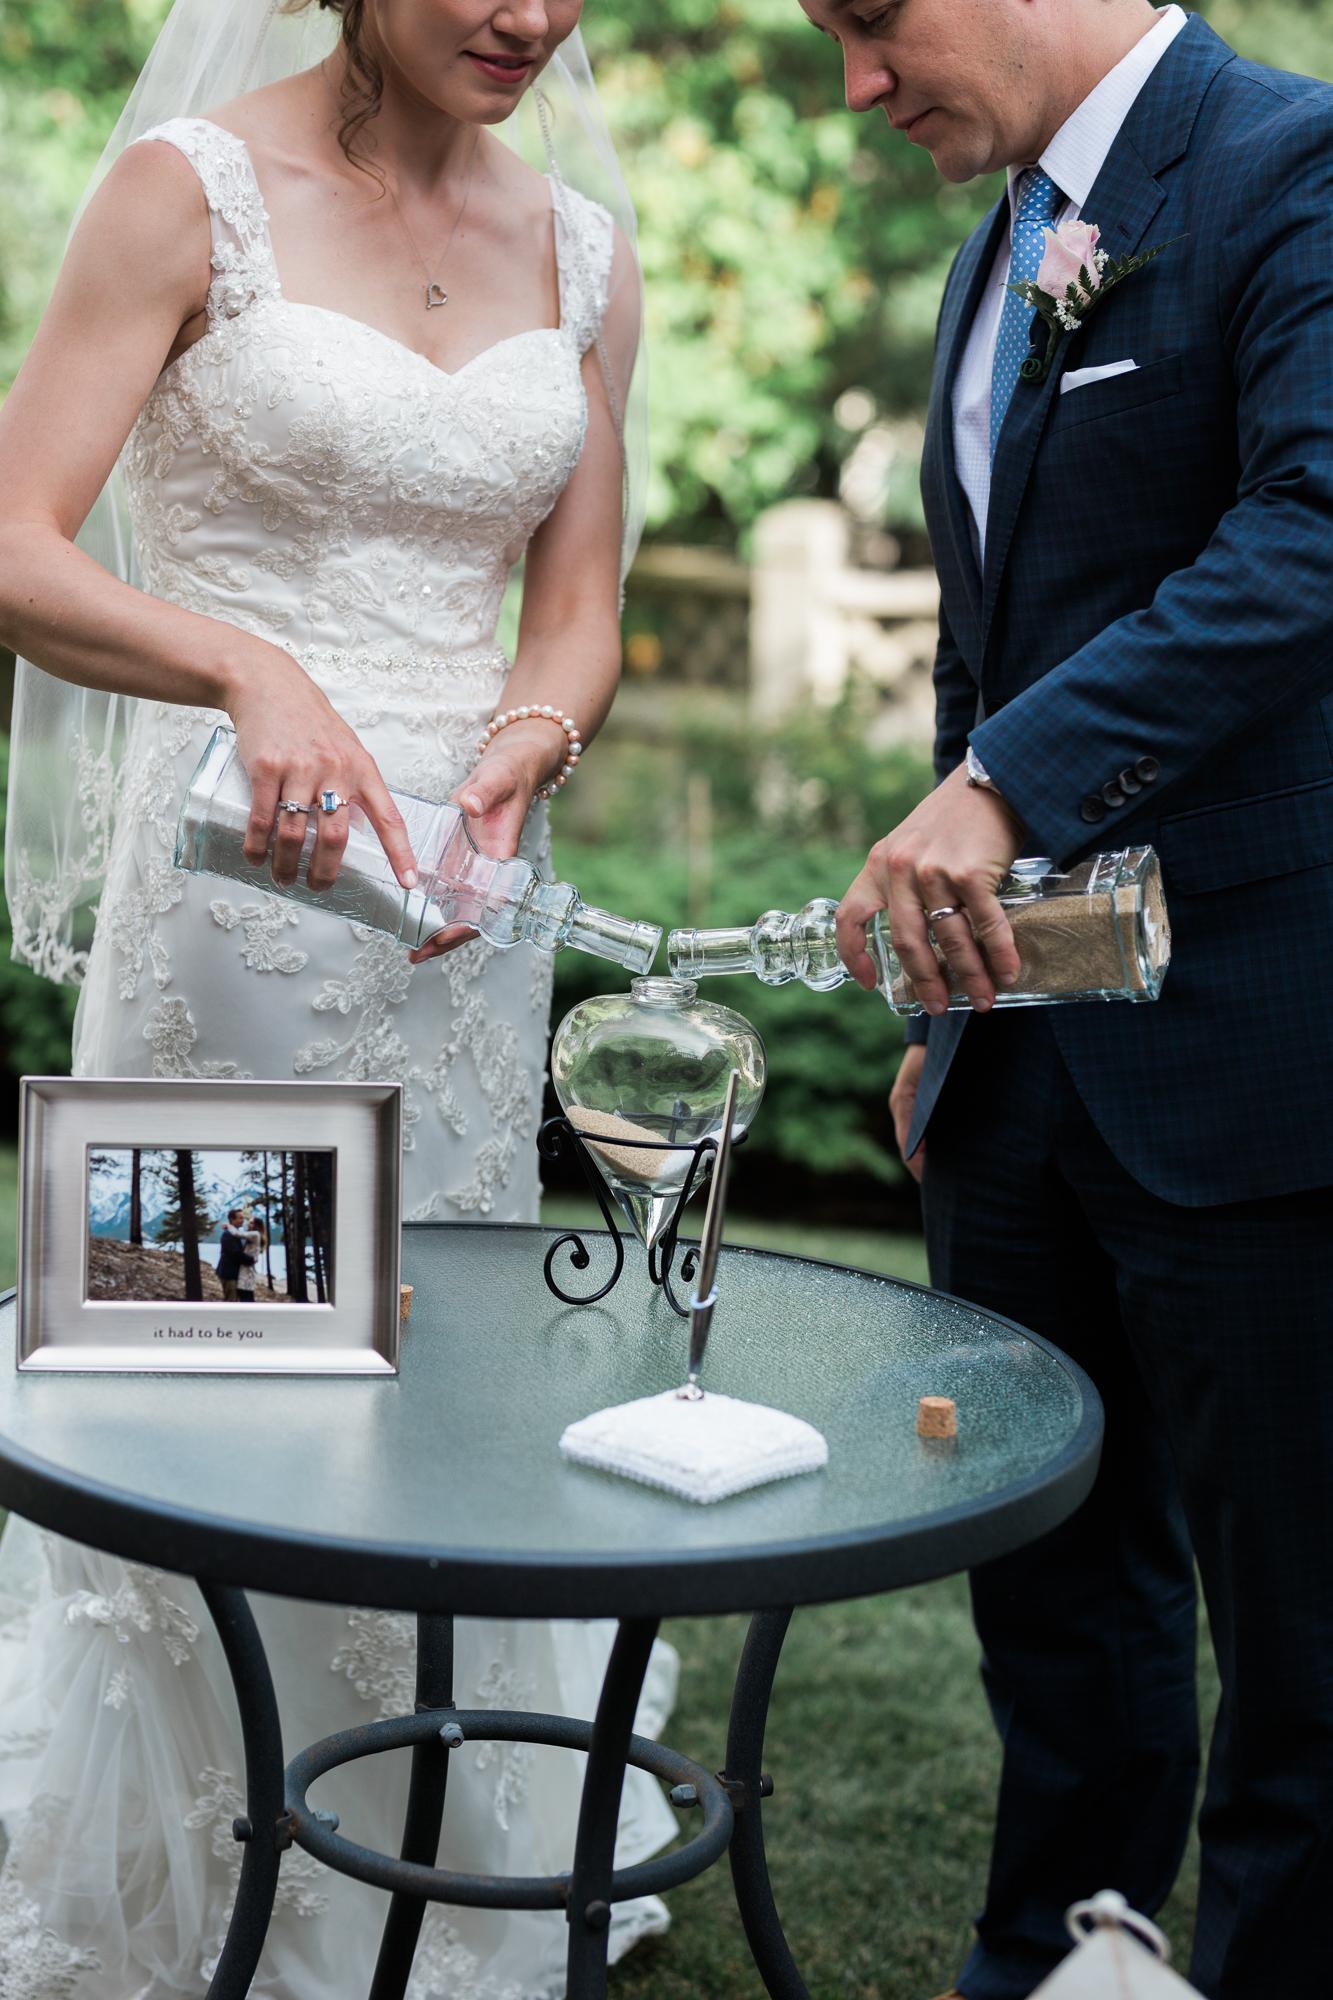 Deanna-Rachel-Photography-calgary-Wedding-photographer-jm-69.jpg